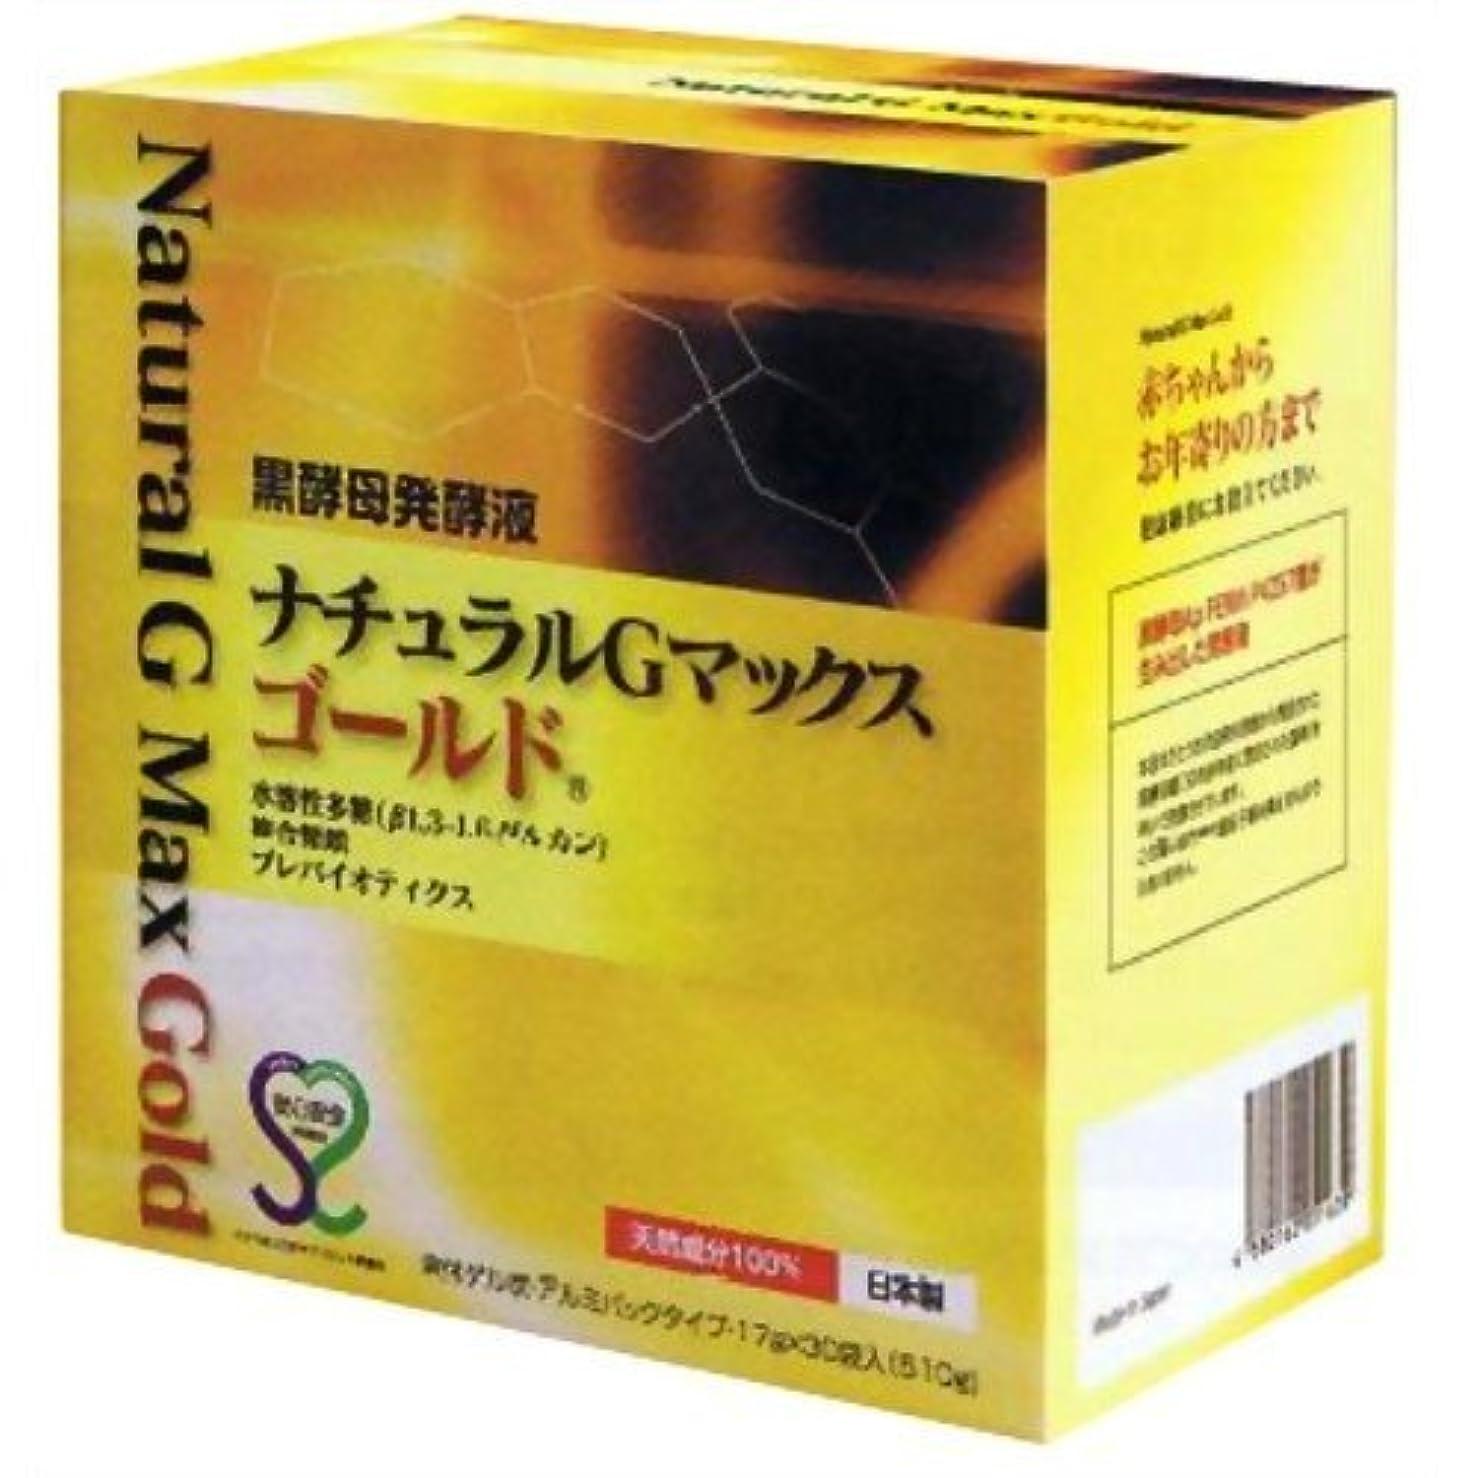 憤るテニスドラッグ黒酵母発酵液 ナチュラルGマックスゴールド 17g×30袋